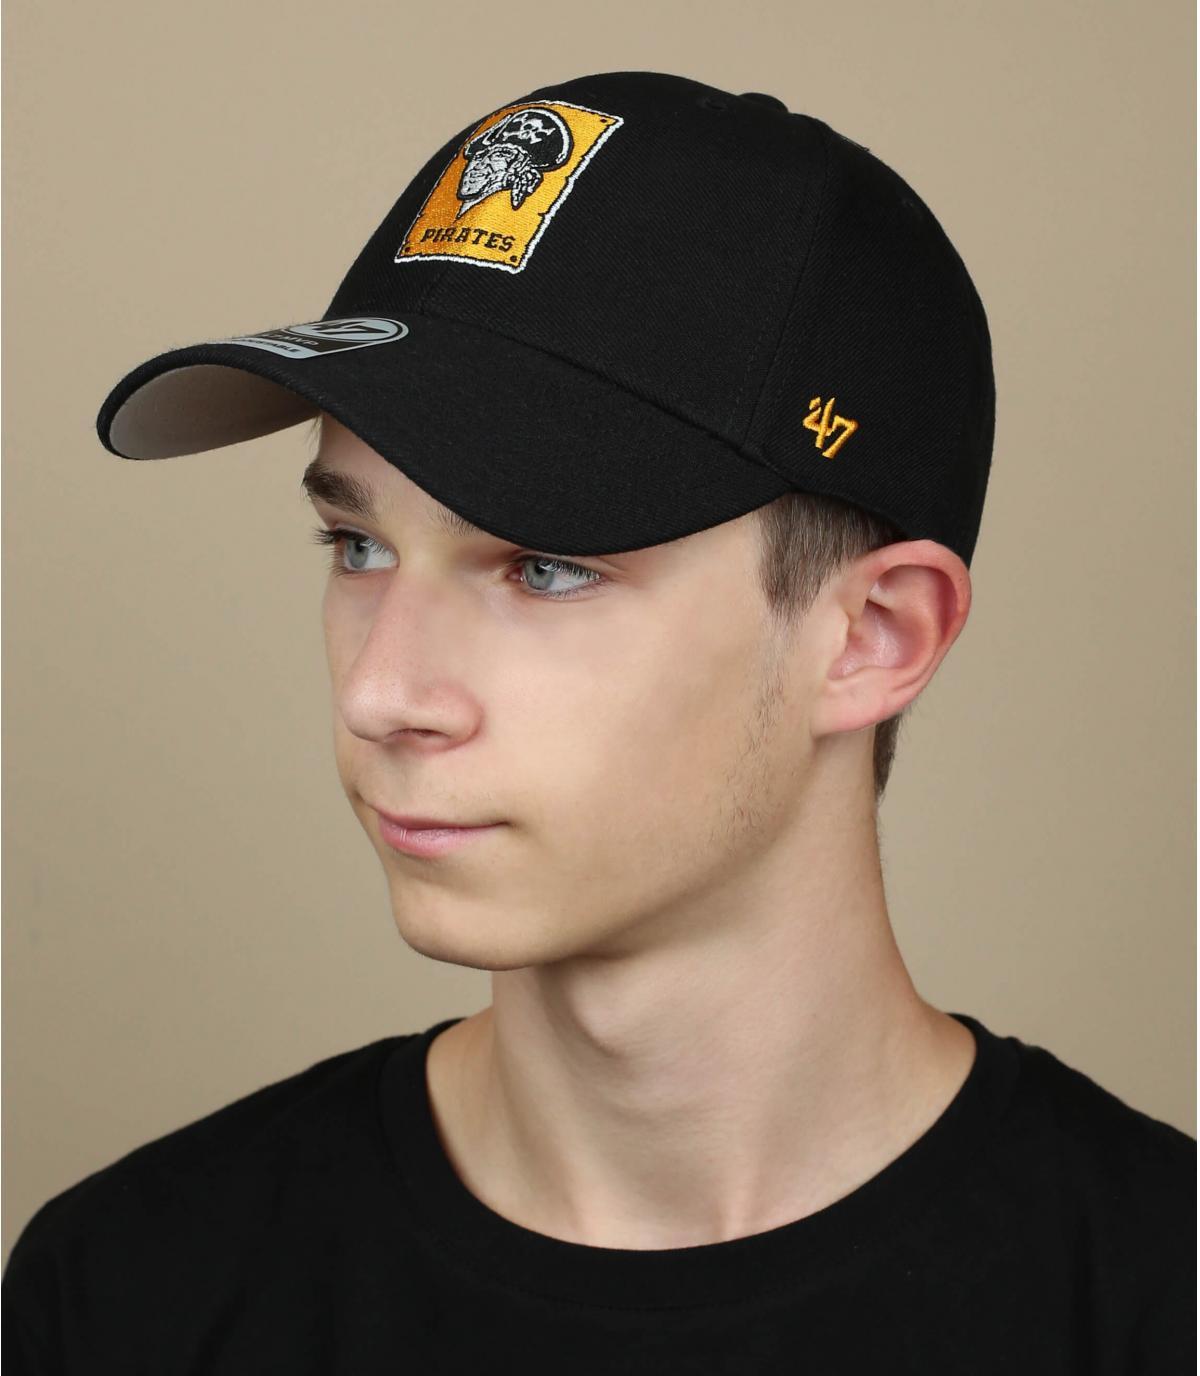 cappello nero pirata